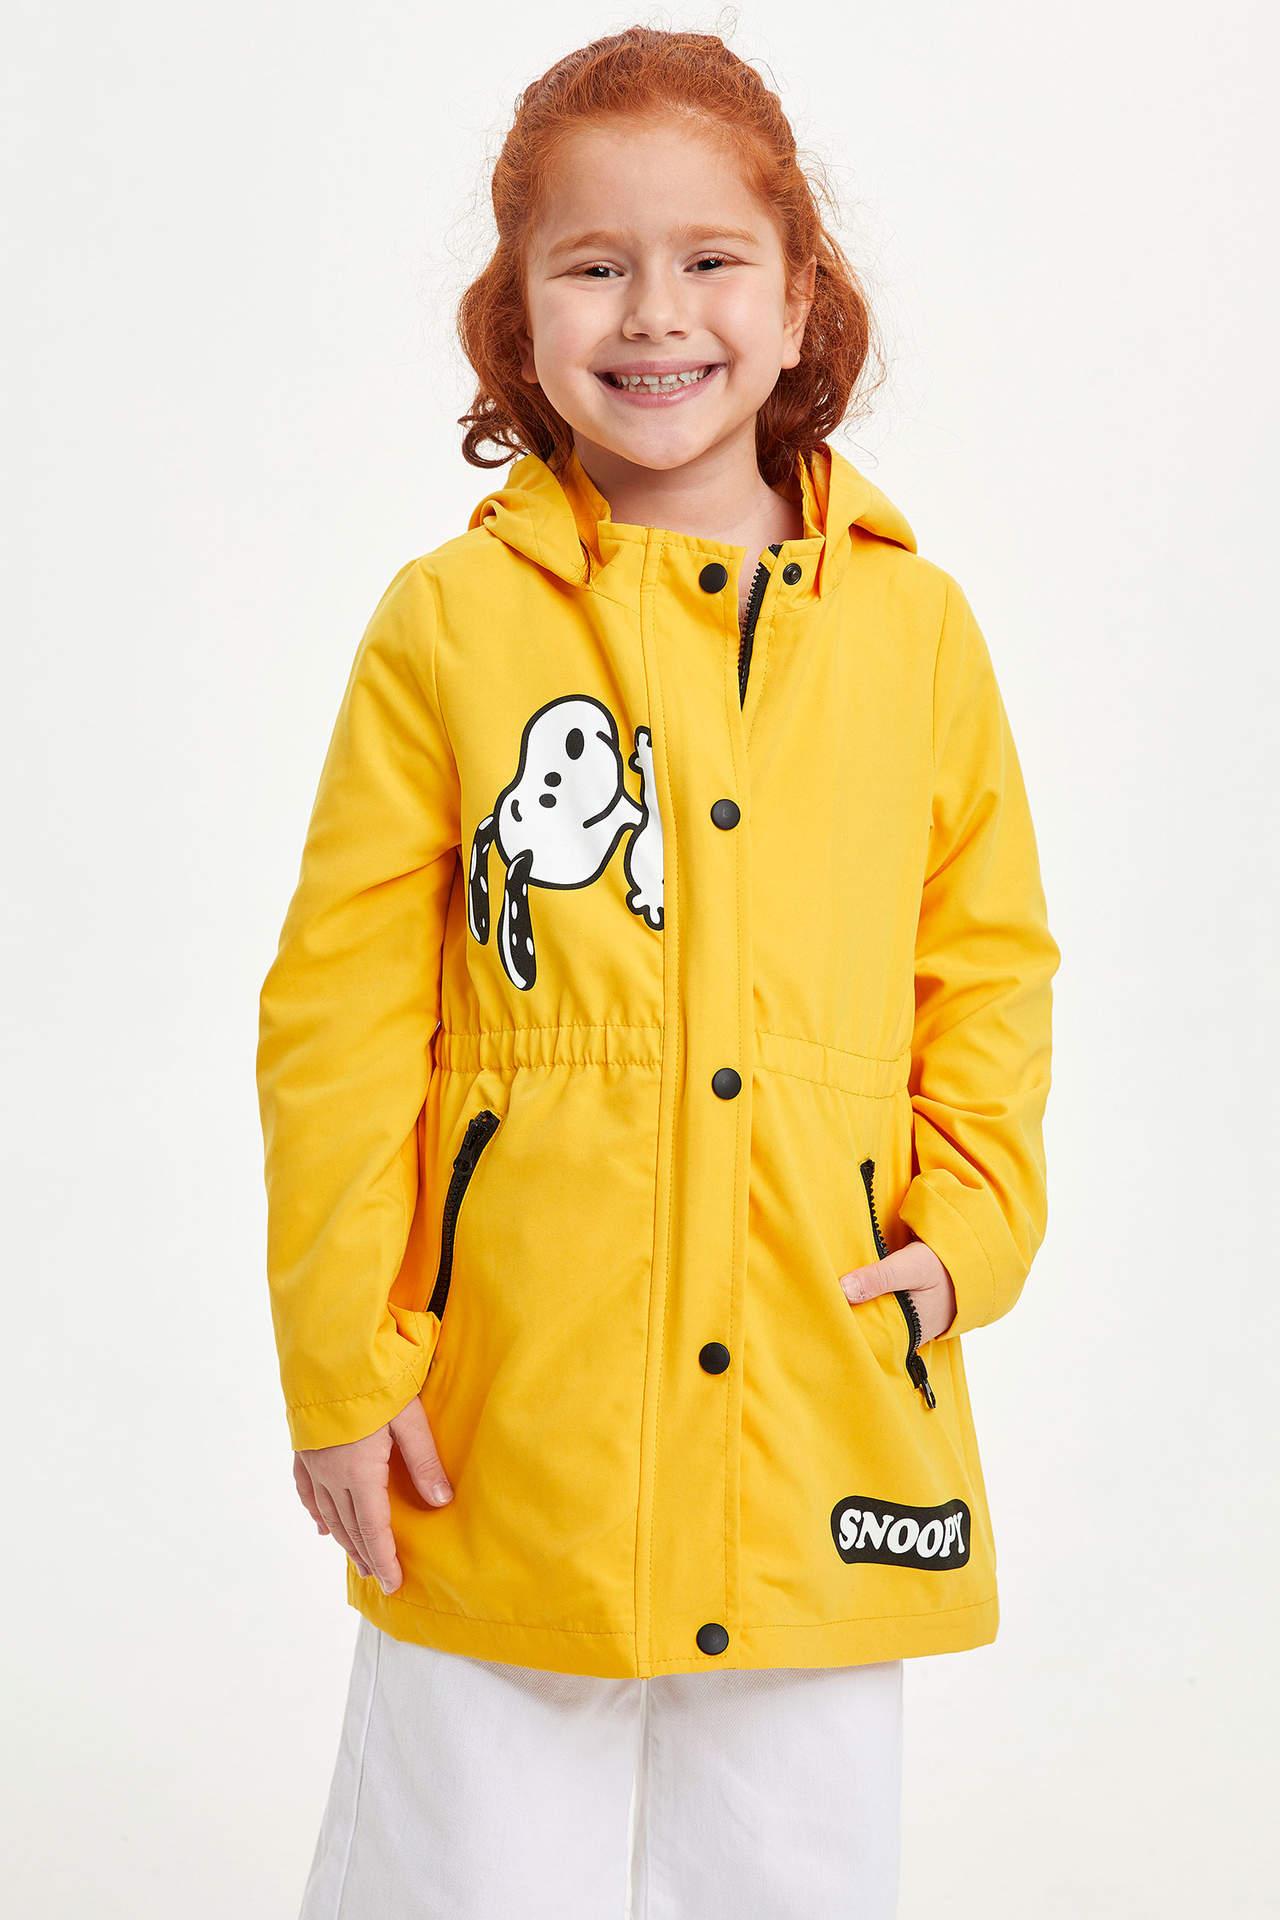 DeFacto Kız Çocuk Snoopy Lisanslı Kapüşonlu Mont Sarı female